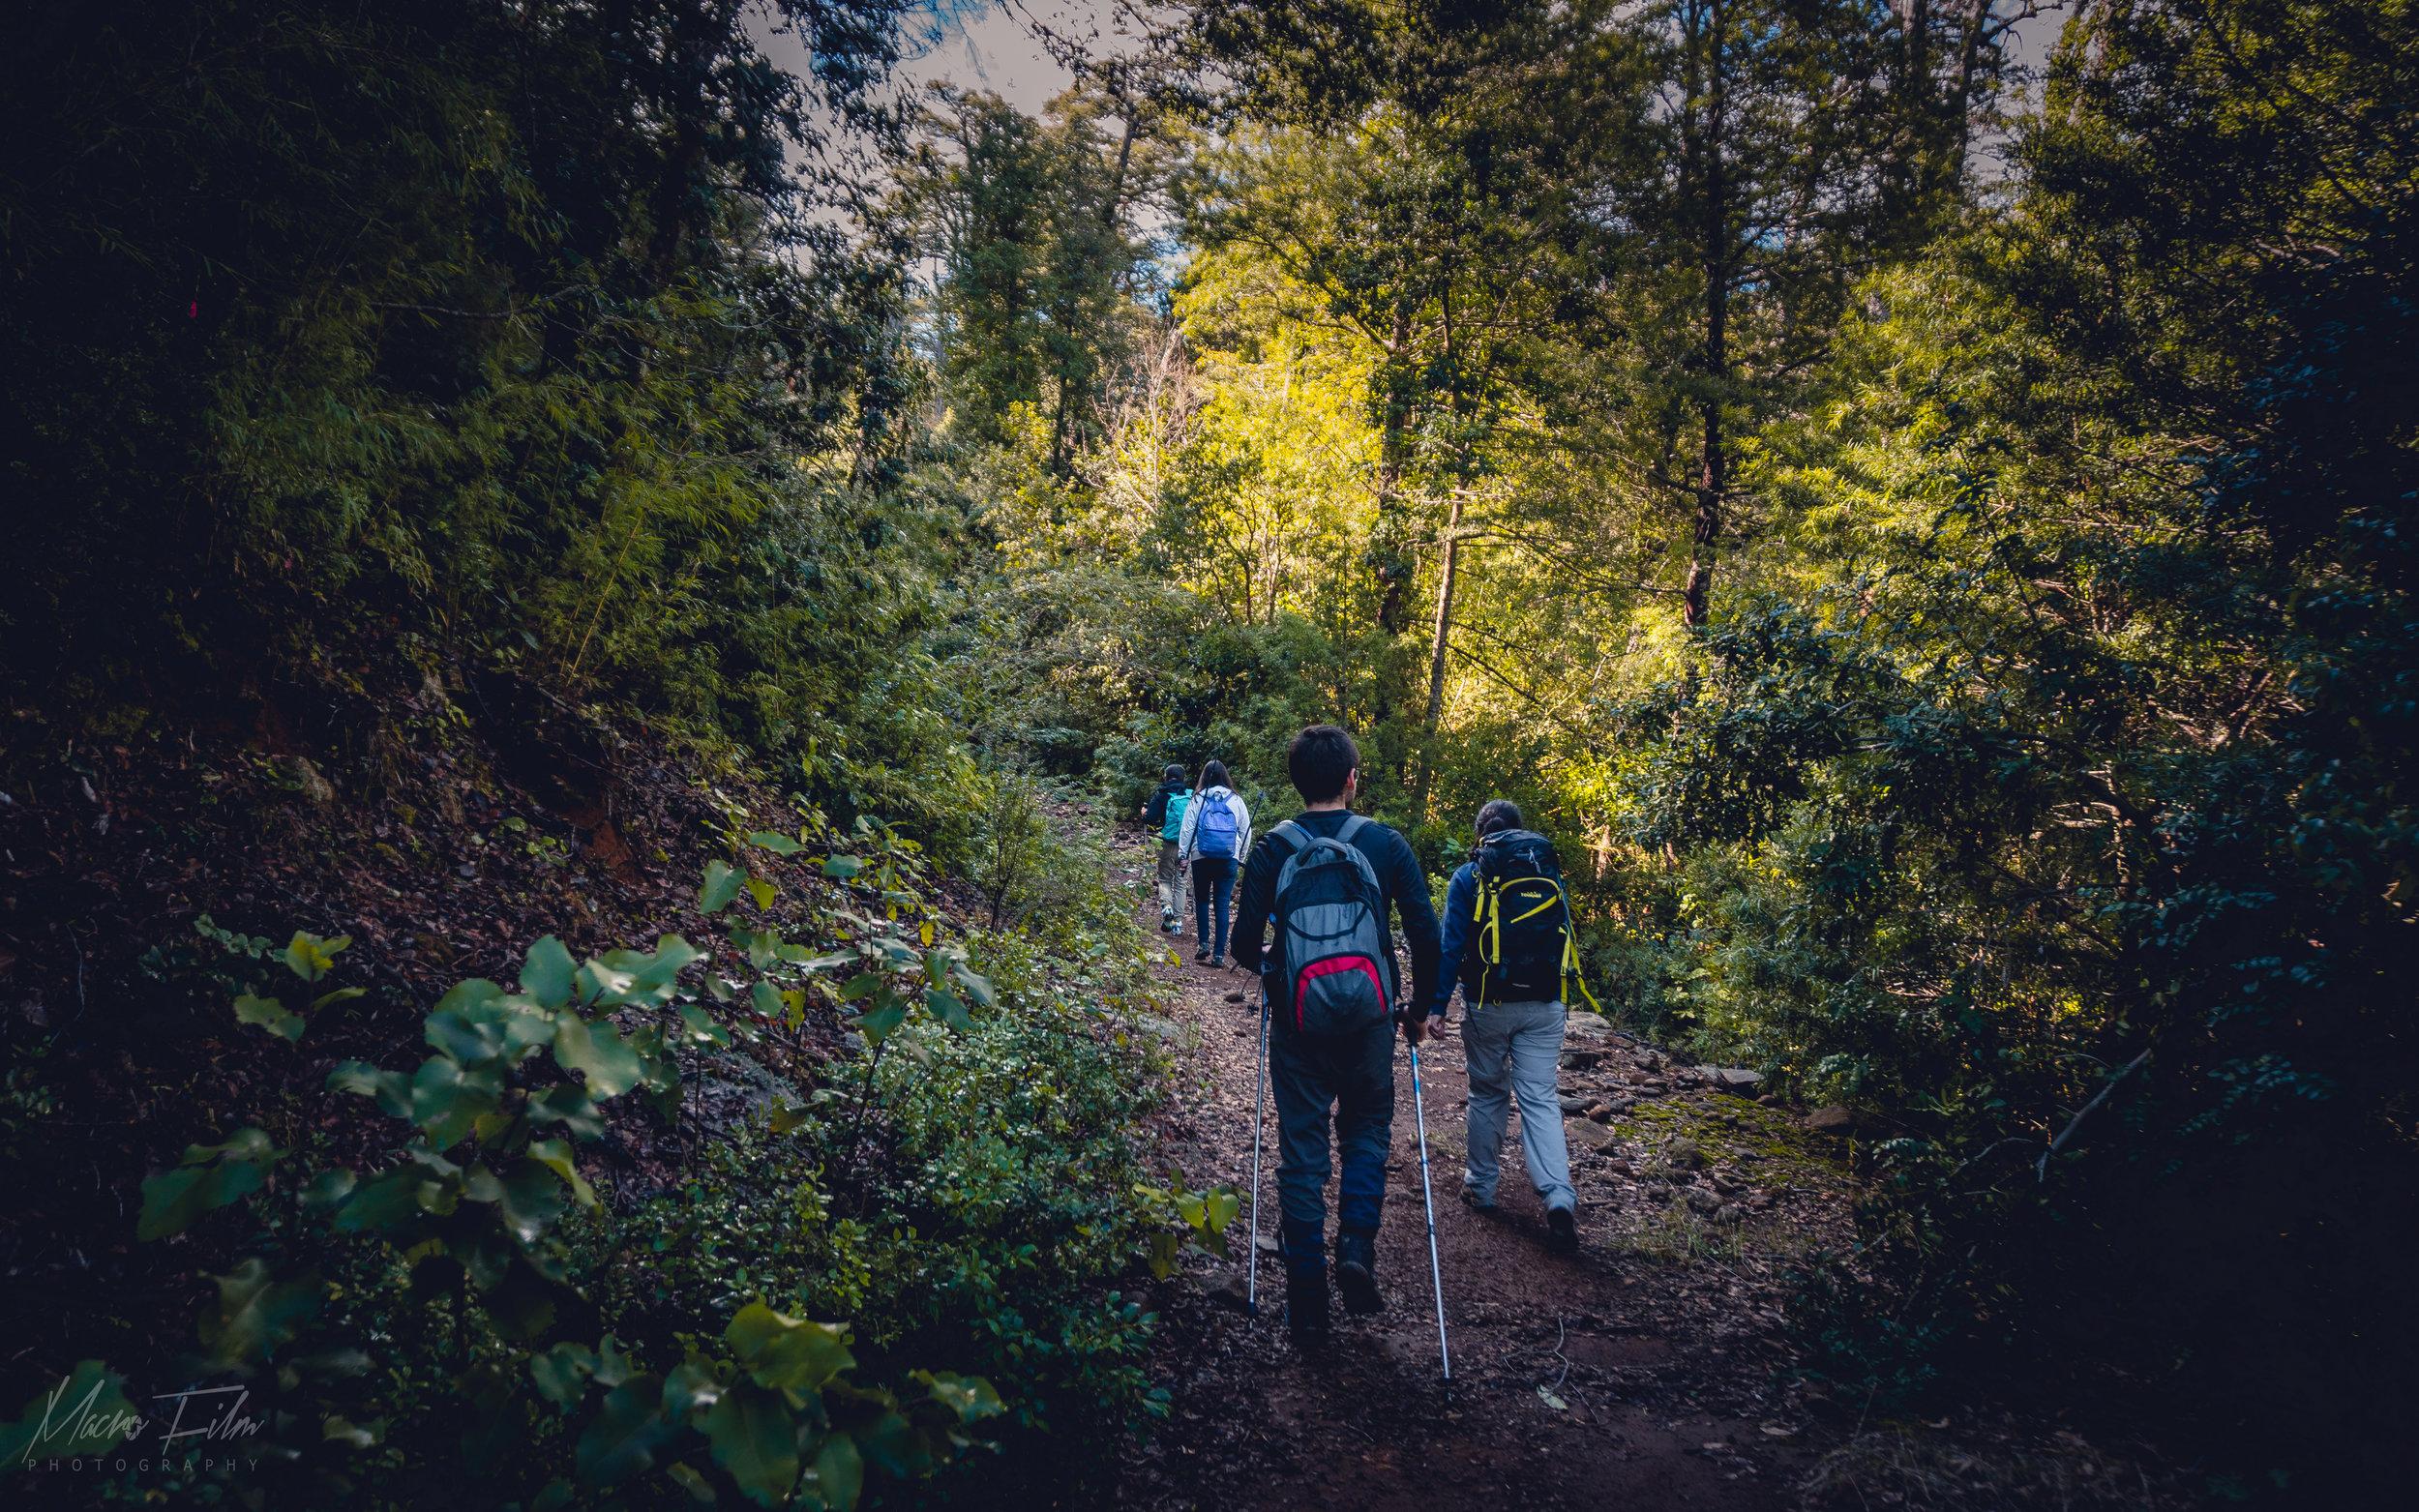 - Caminata Sector Shangri-laCaminaremos rodeados de bosque nativo muy atentos a la fauna con la que nos encontremos de camino. Si lo que tu equipo necesita es desconectarse de la rutina laboral, esta caminata es una muy buena alternativa.